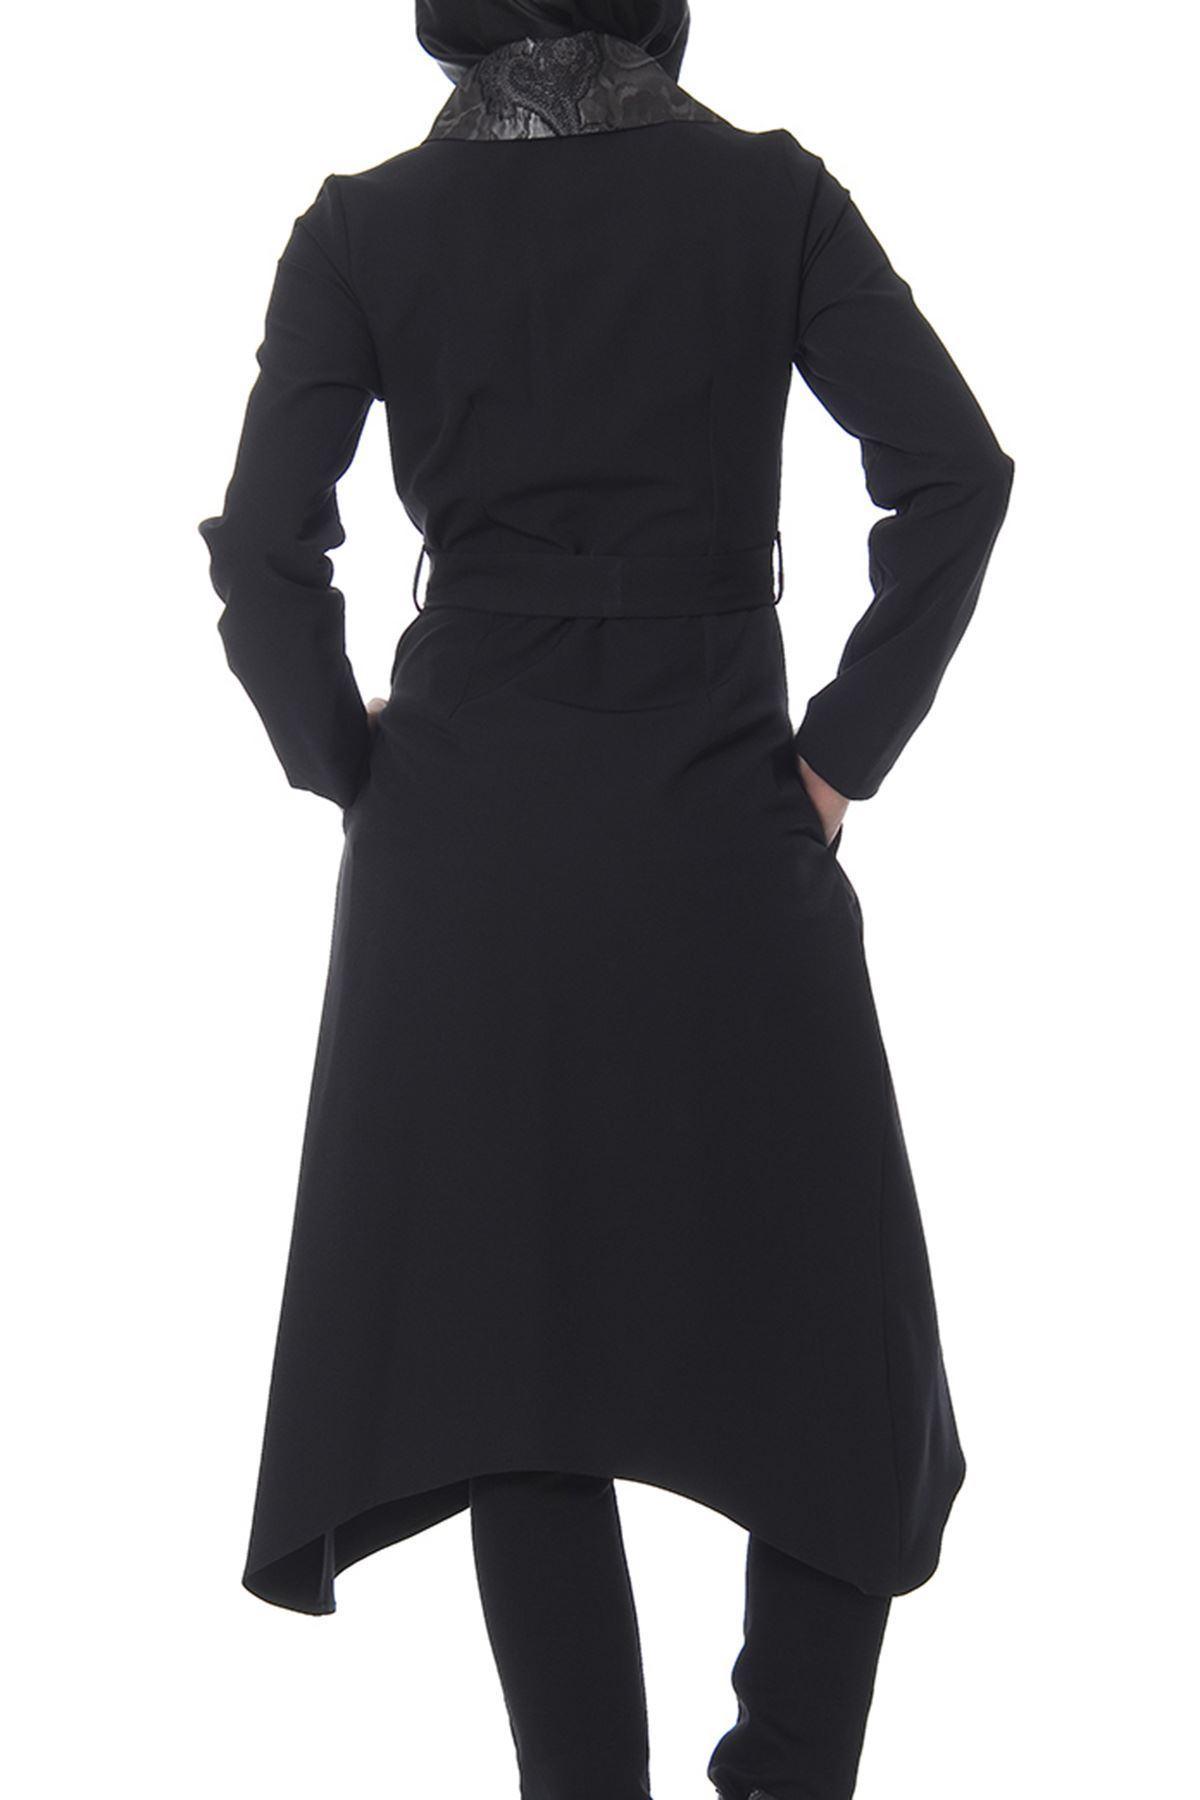 Siyah Fermuarlı Kap G10-100526